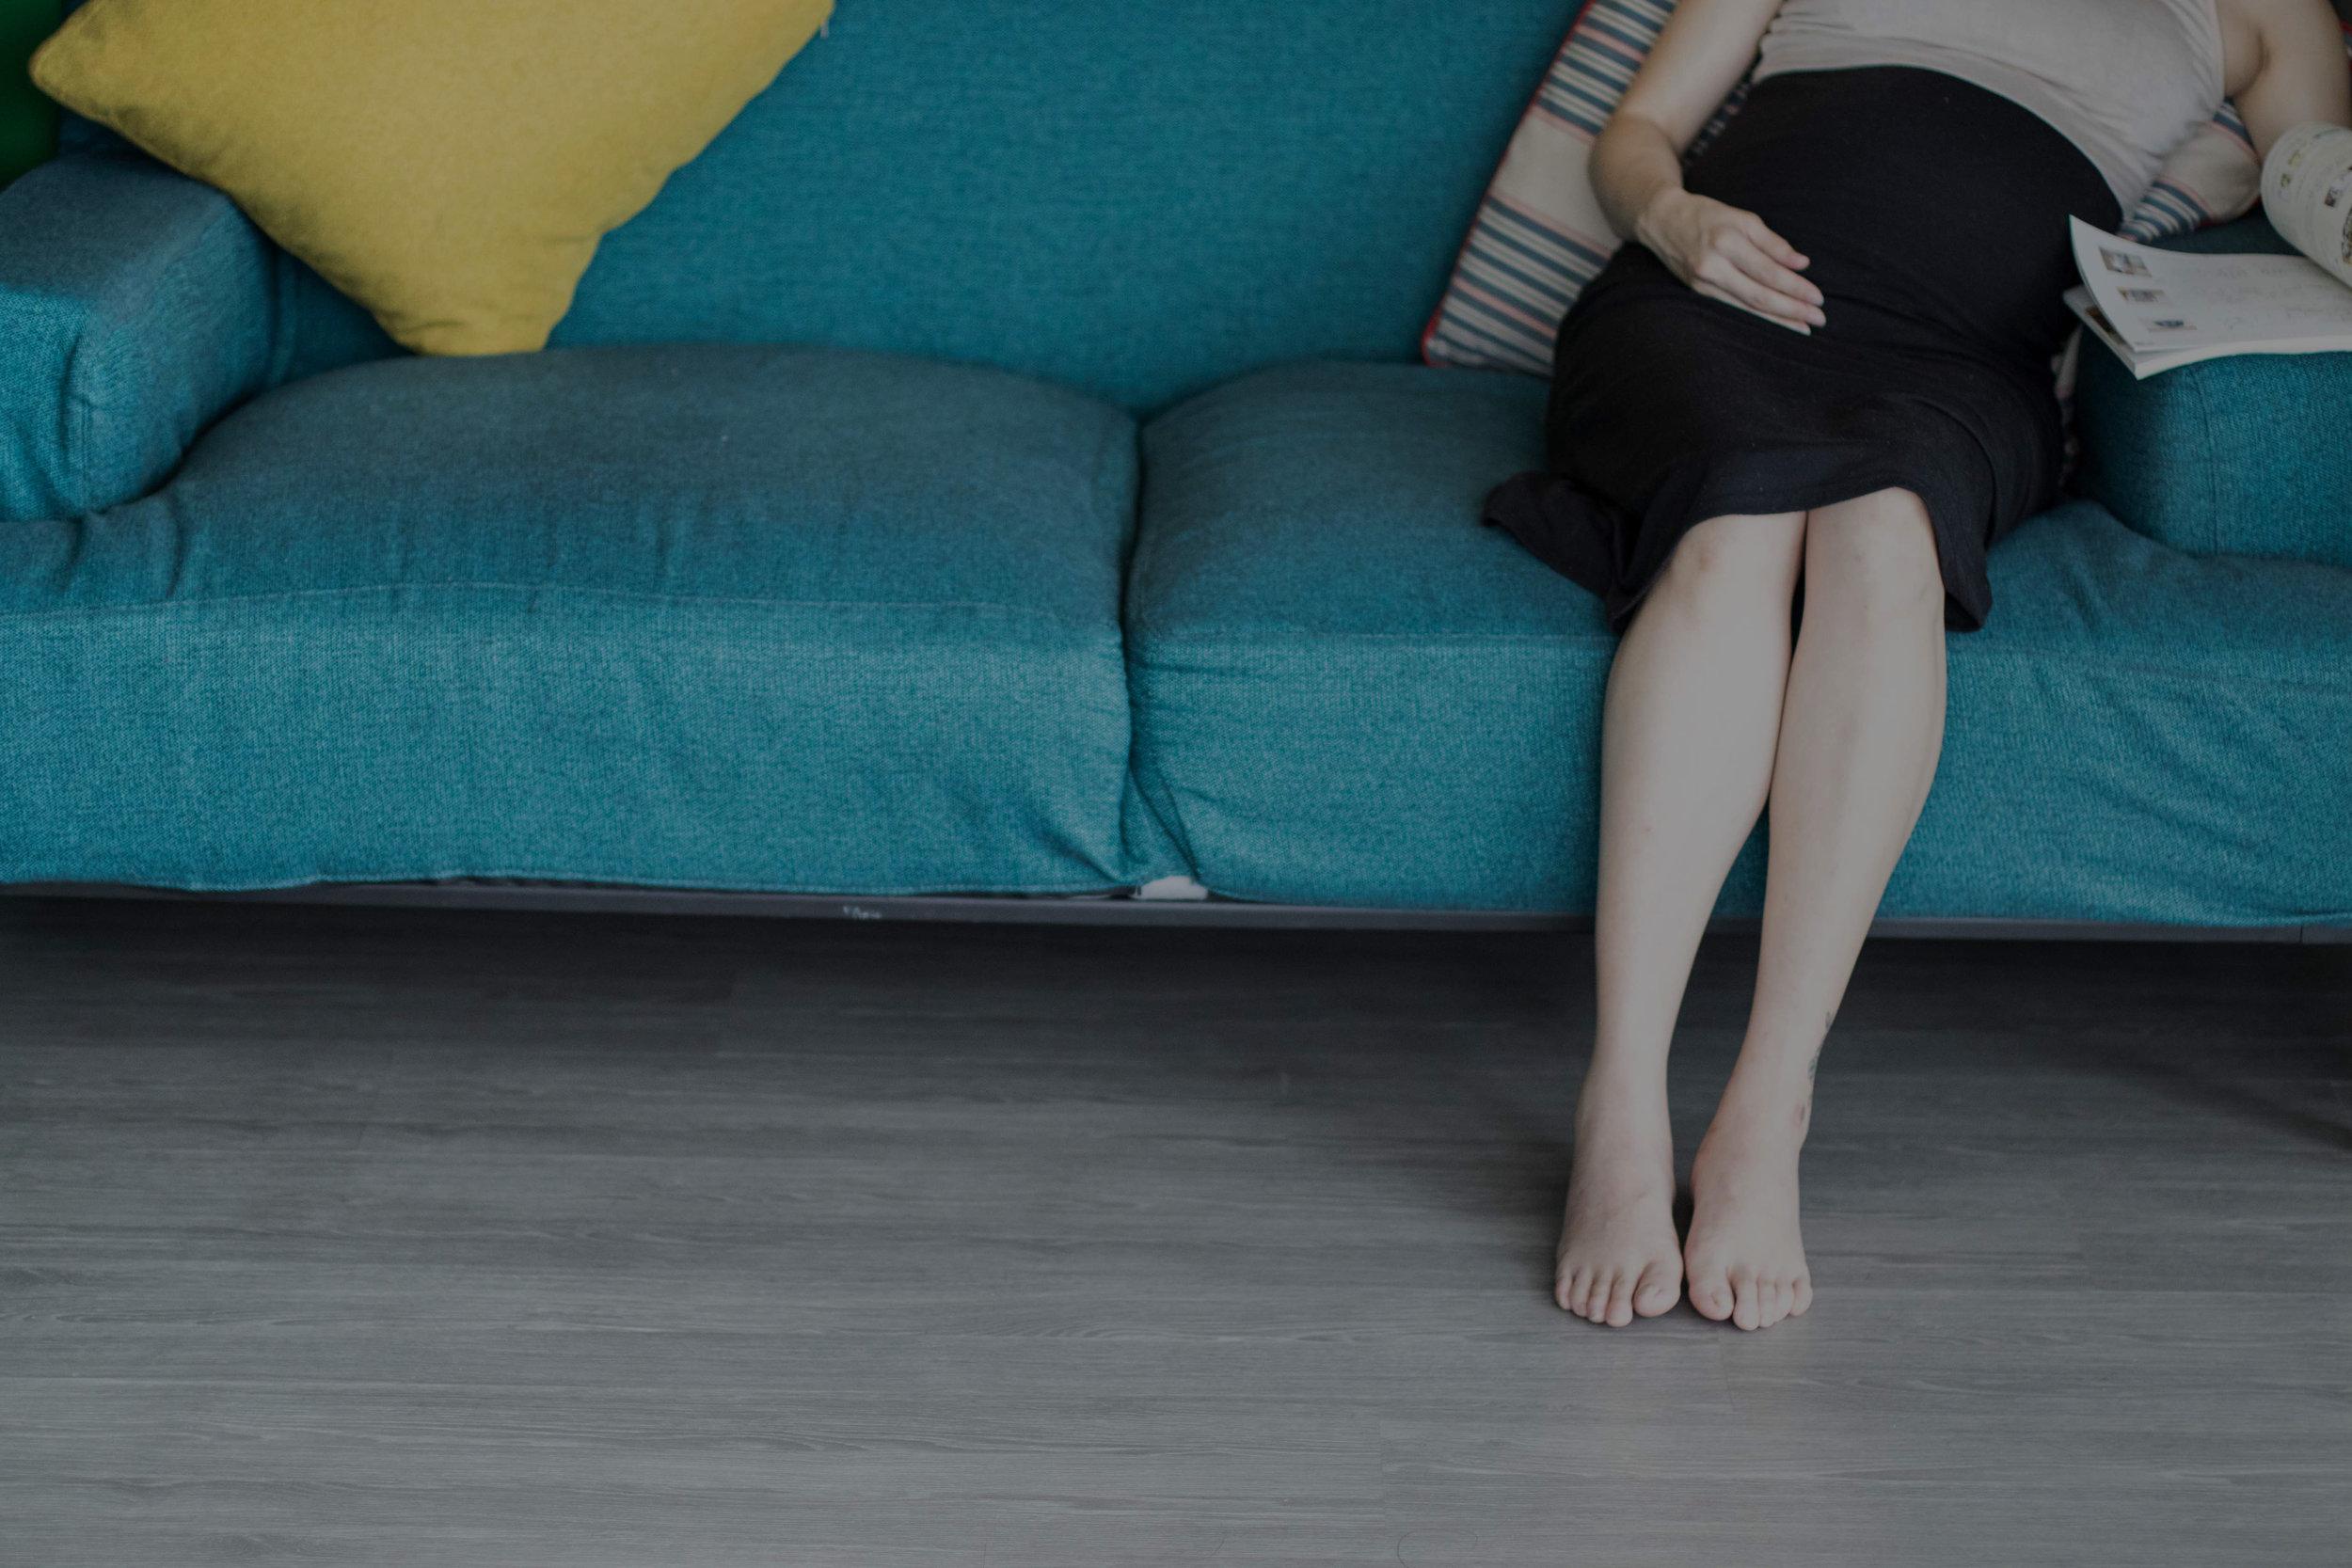 最愛在家裡光著腳走來走去,超暖超舒服。 - - Karen